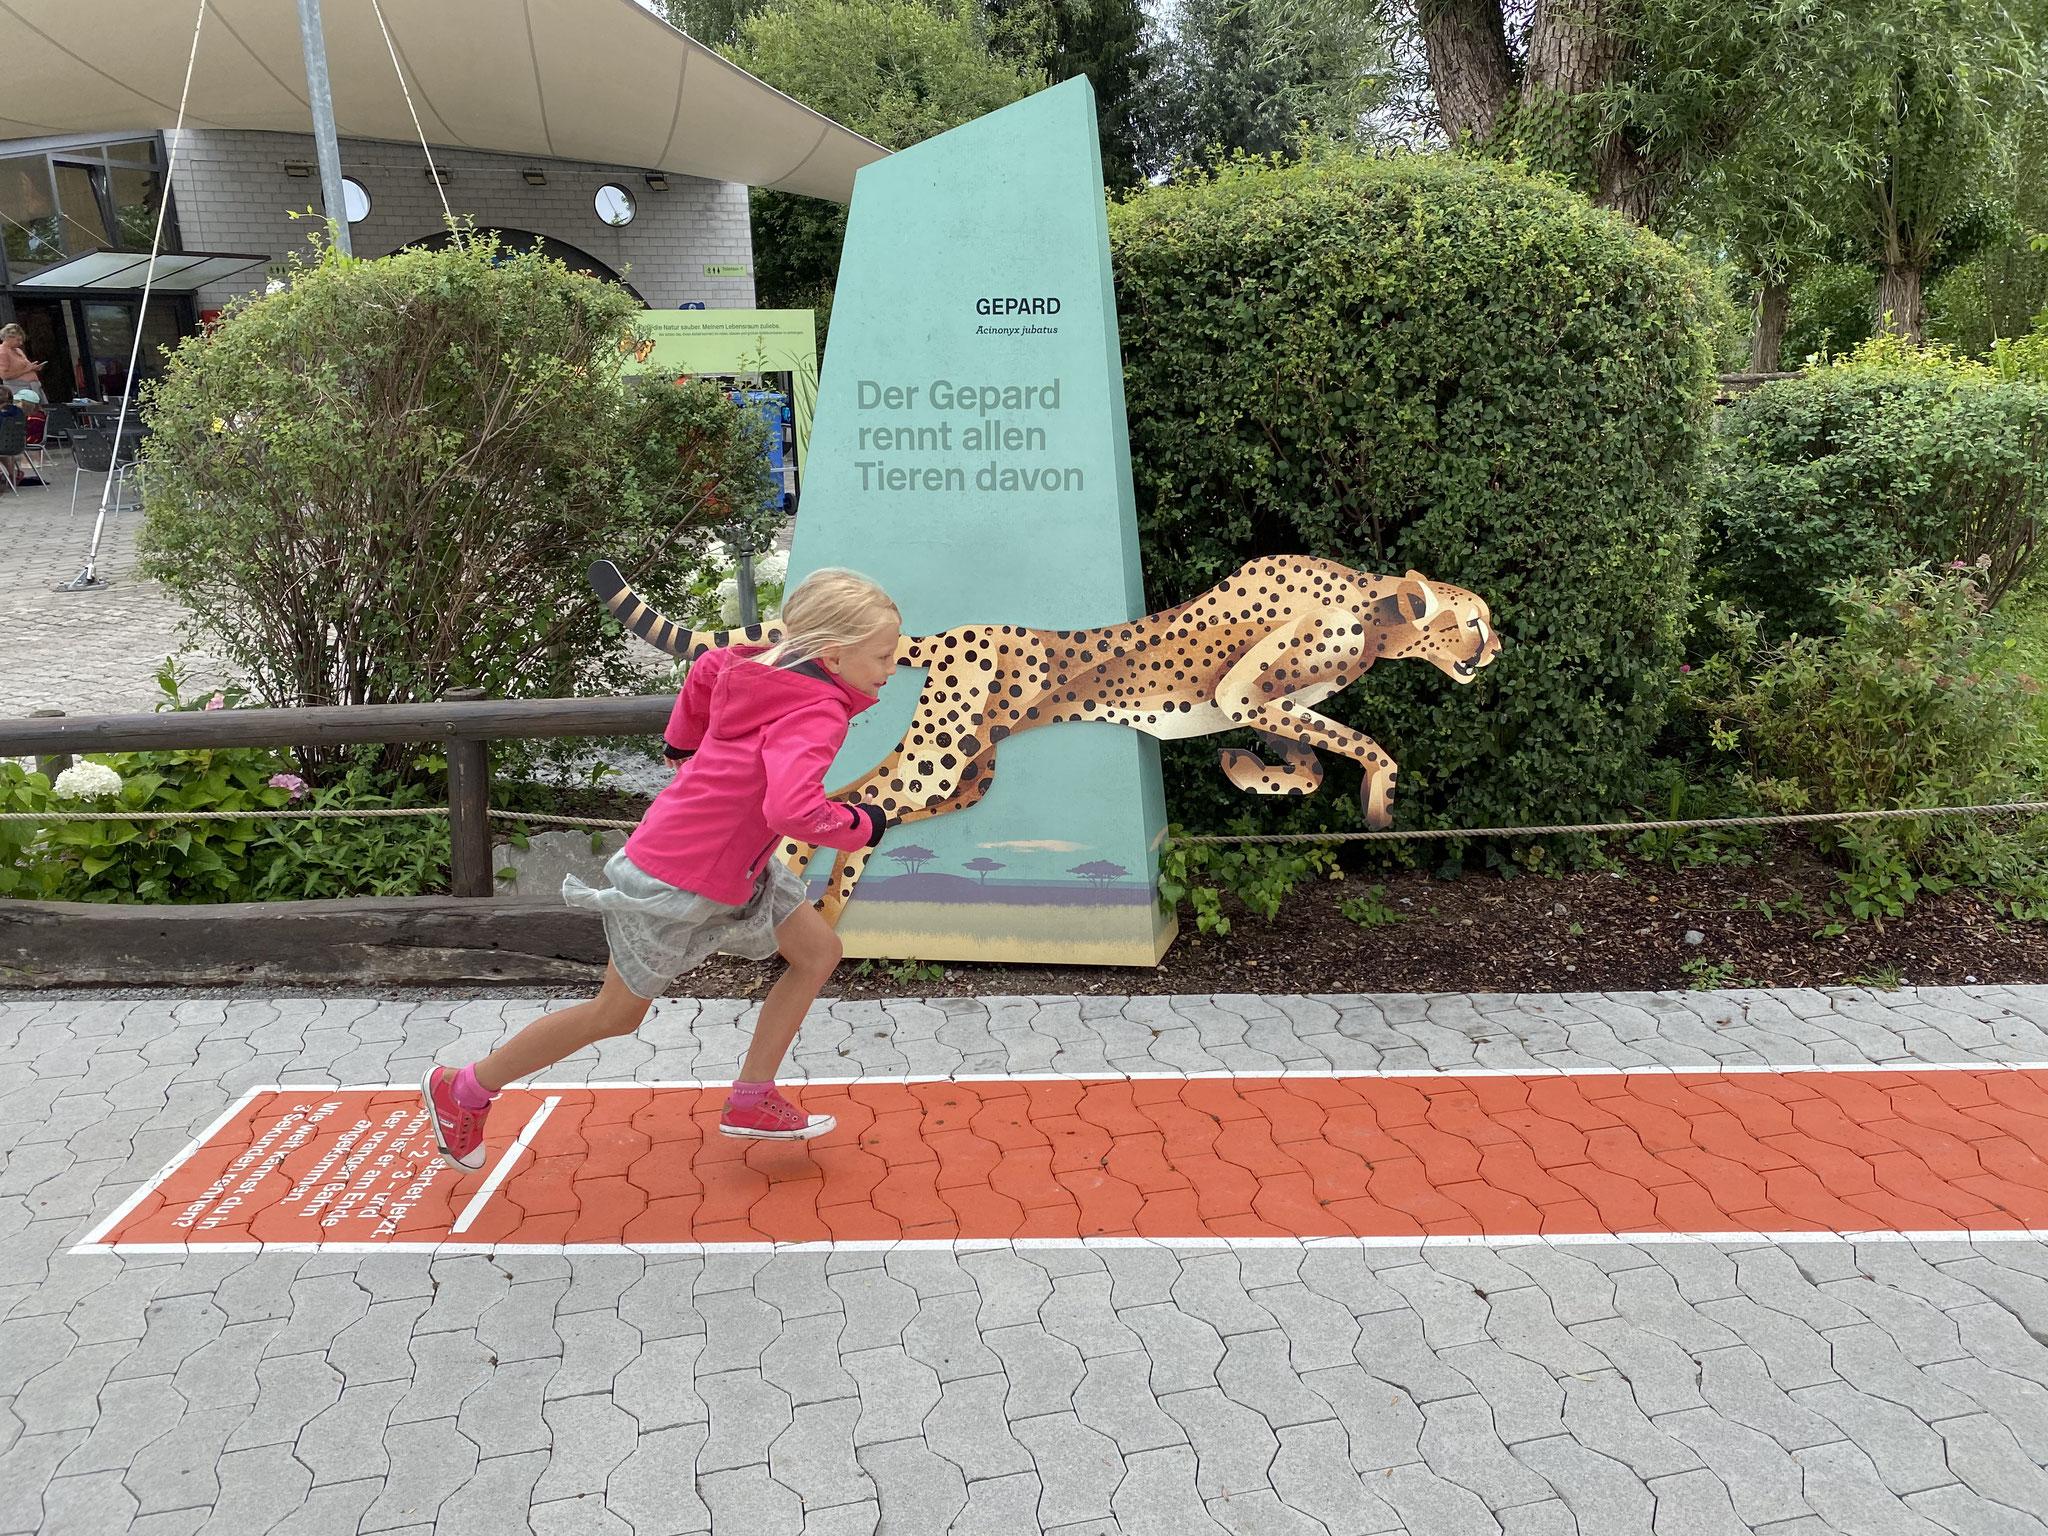 hast du dich schon mal mit einem Gepard gemessen?